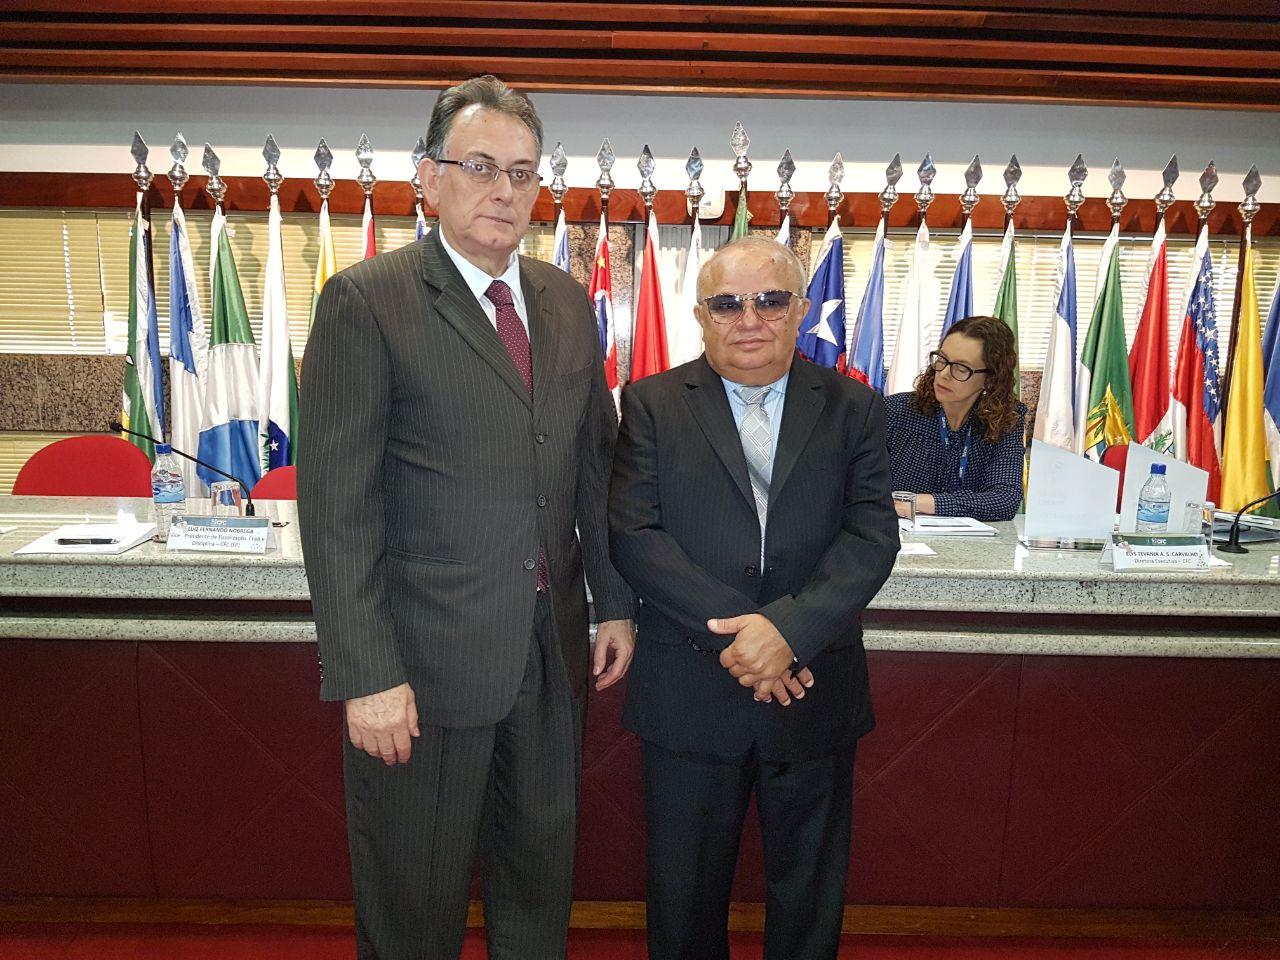 Josafam Bonfim com o vice-presidente do CFC, Nelson Zafra.